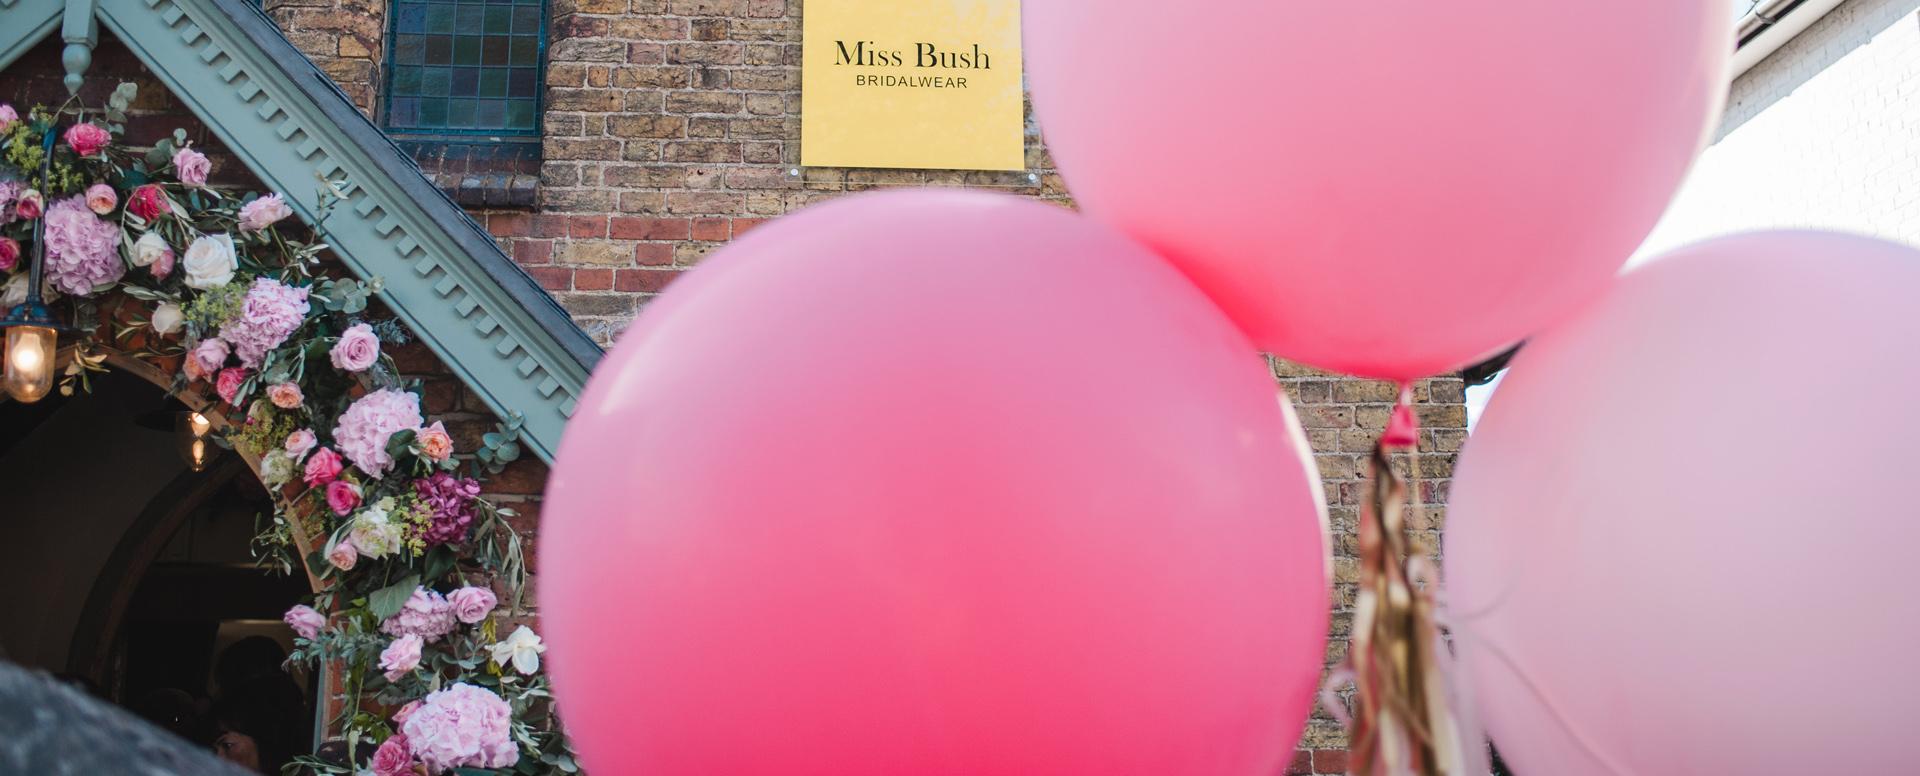 MISS BUSH 2